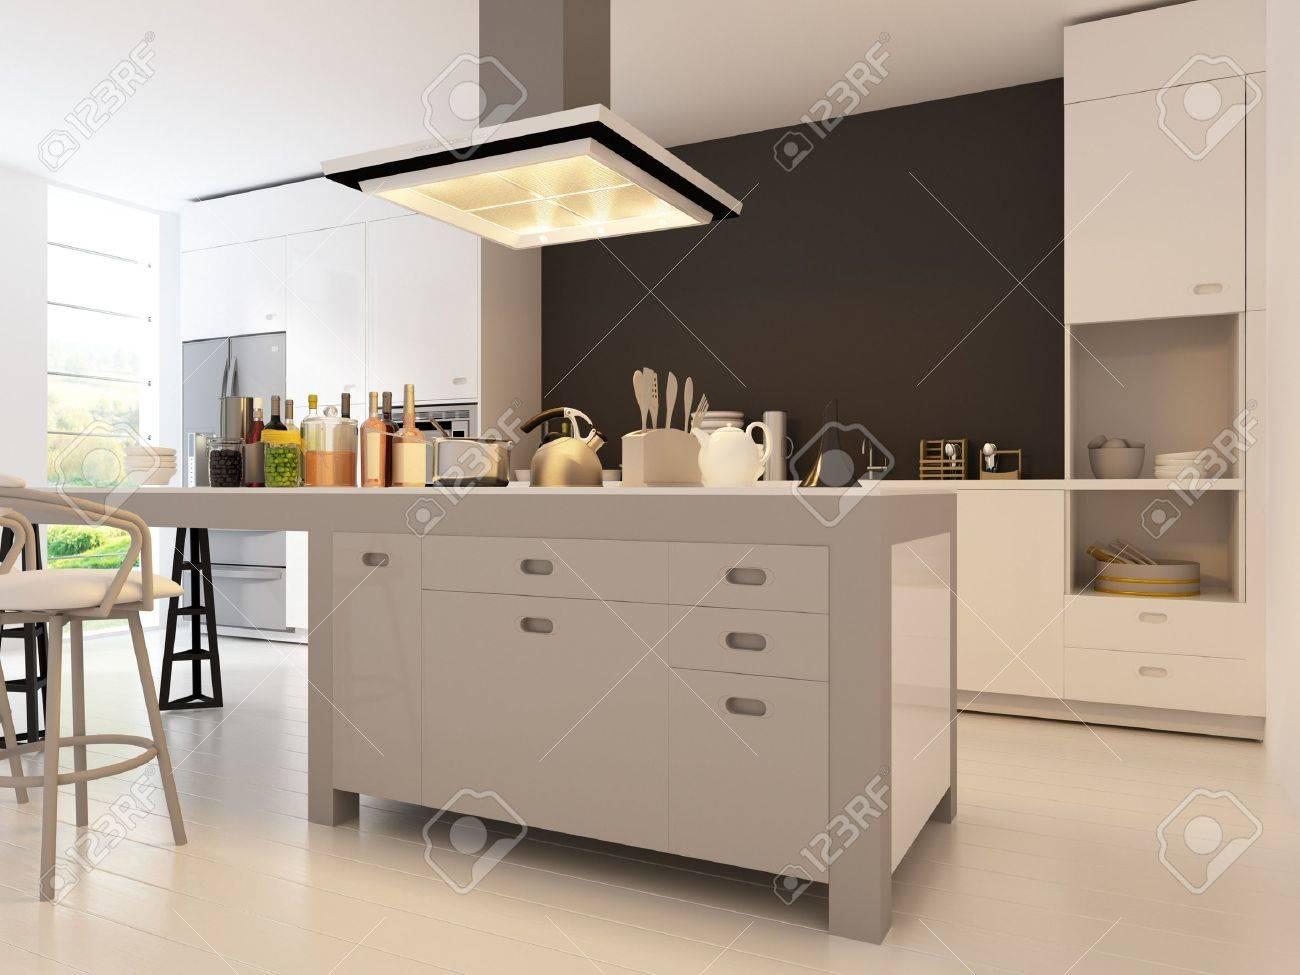 Modern Design Kitchen Interior Stock Photo - 19532895